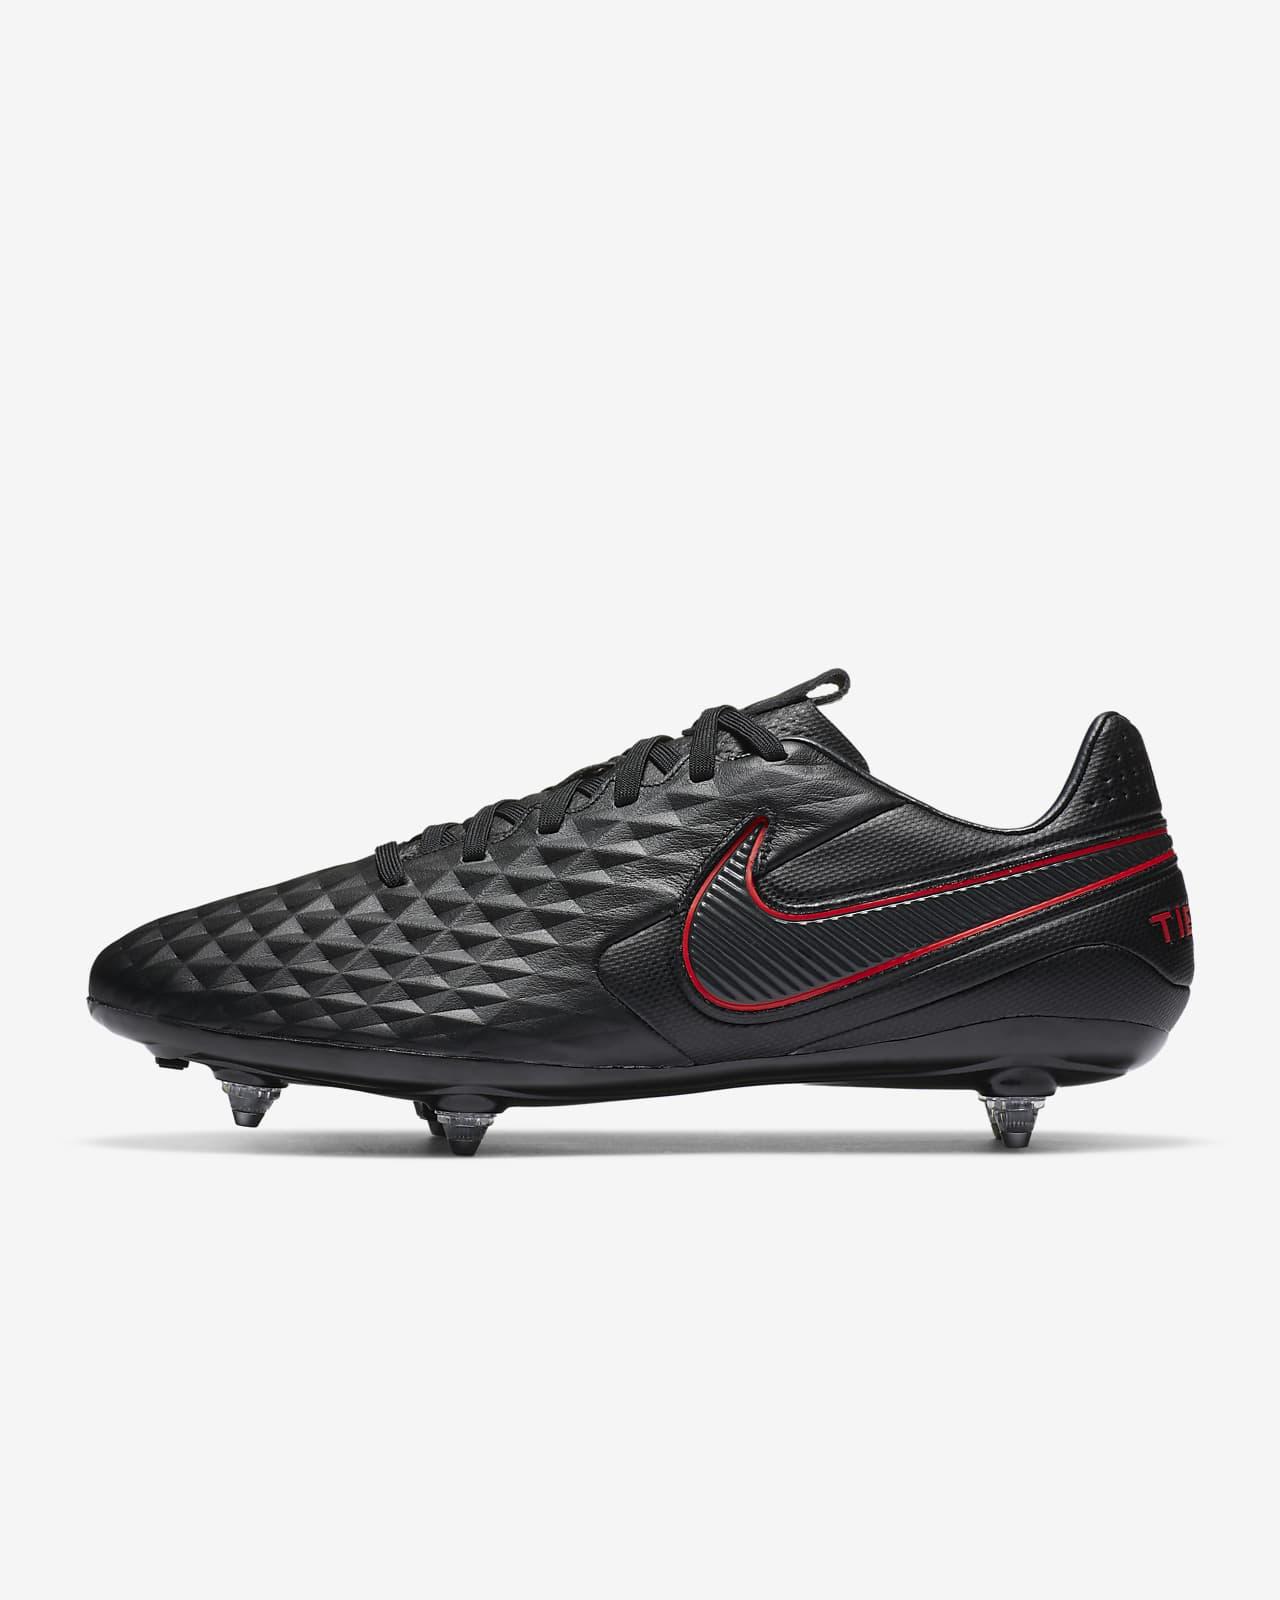 Nike Tiempo Legend 8 Pro SG-fodboldstøvle til vådt græs